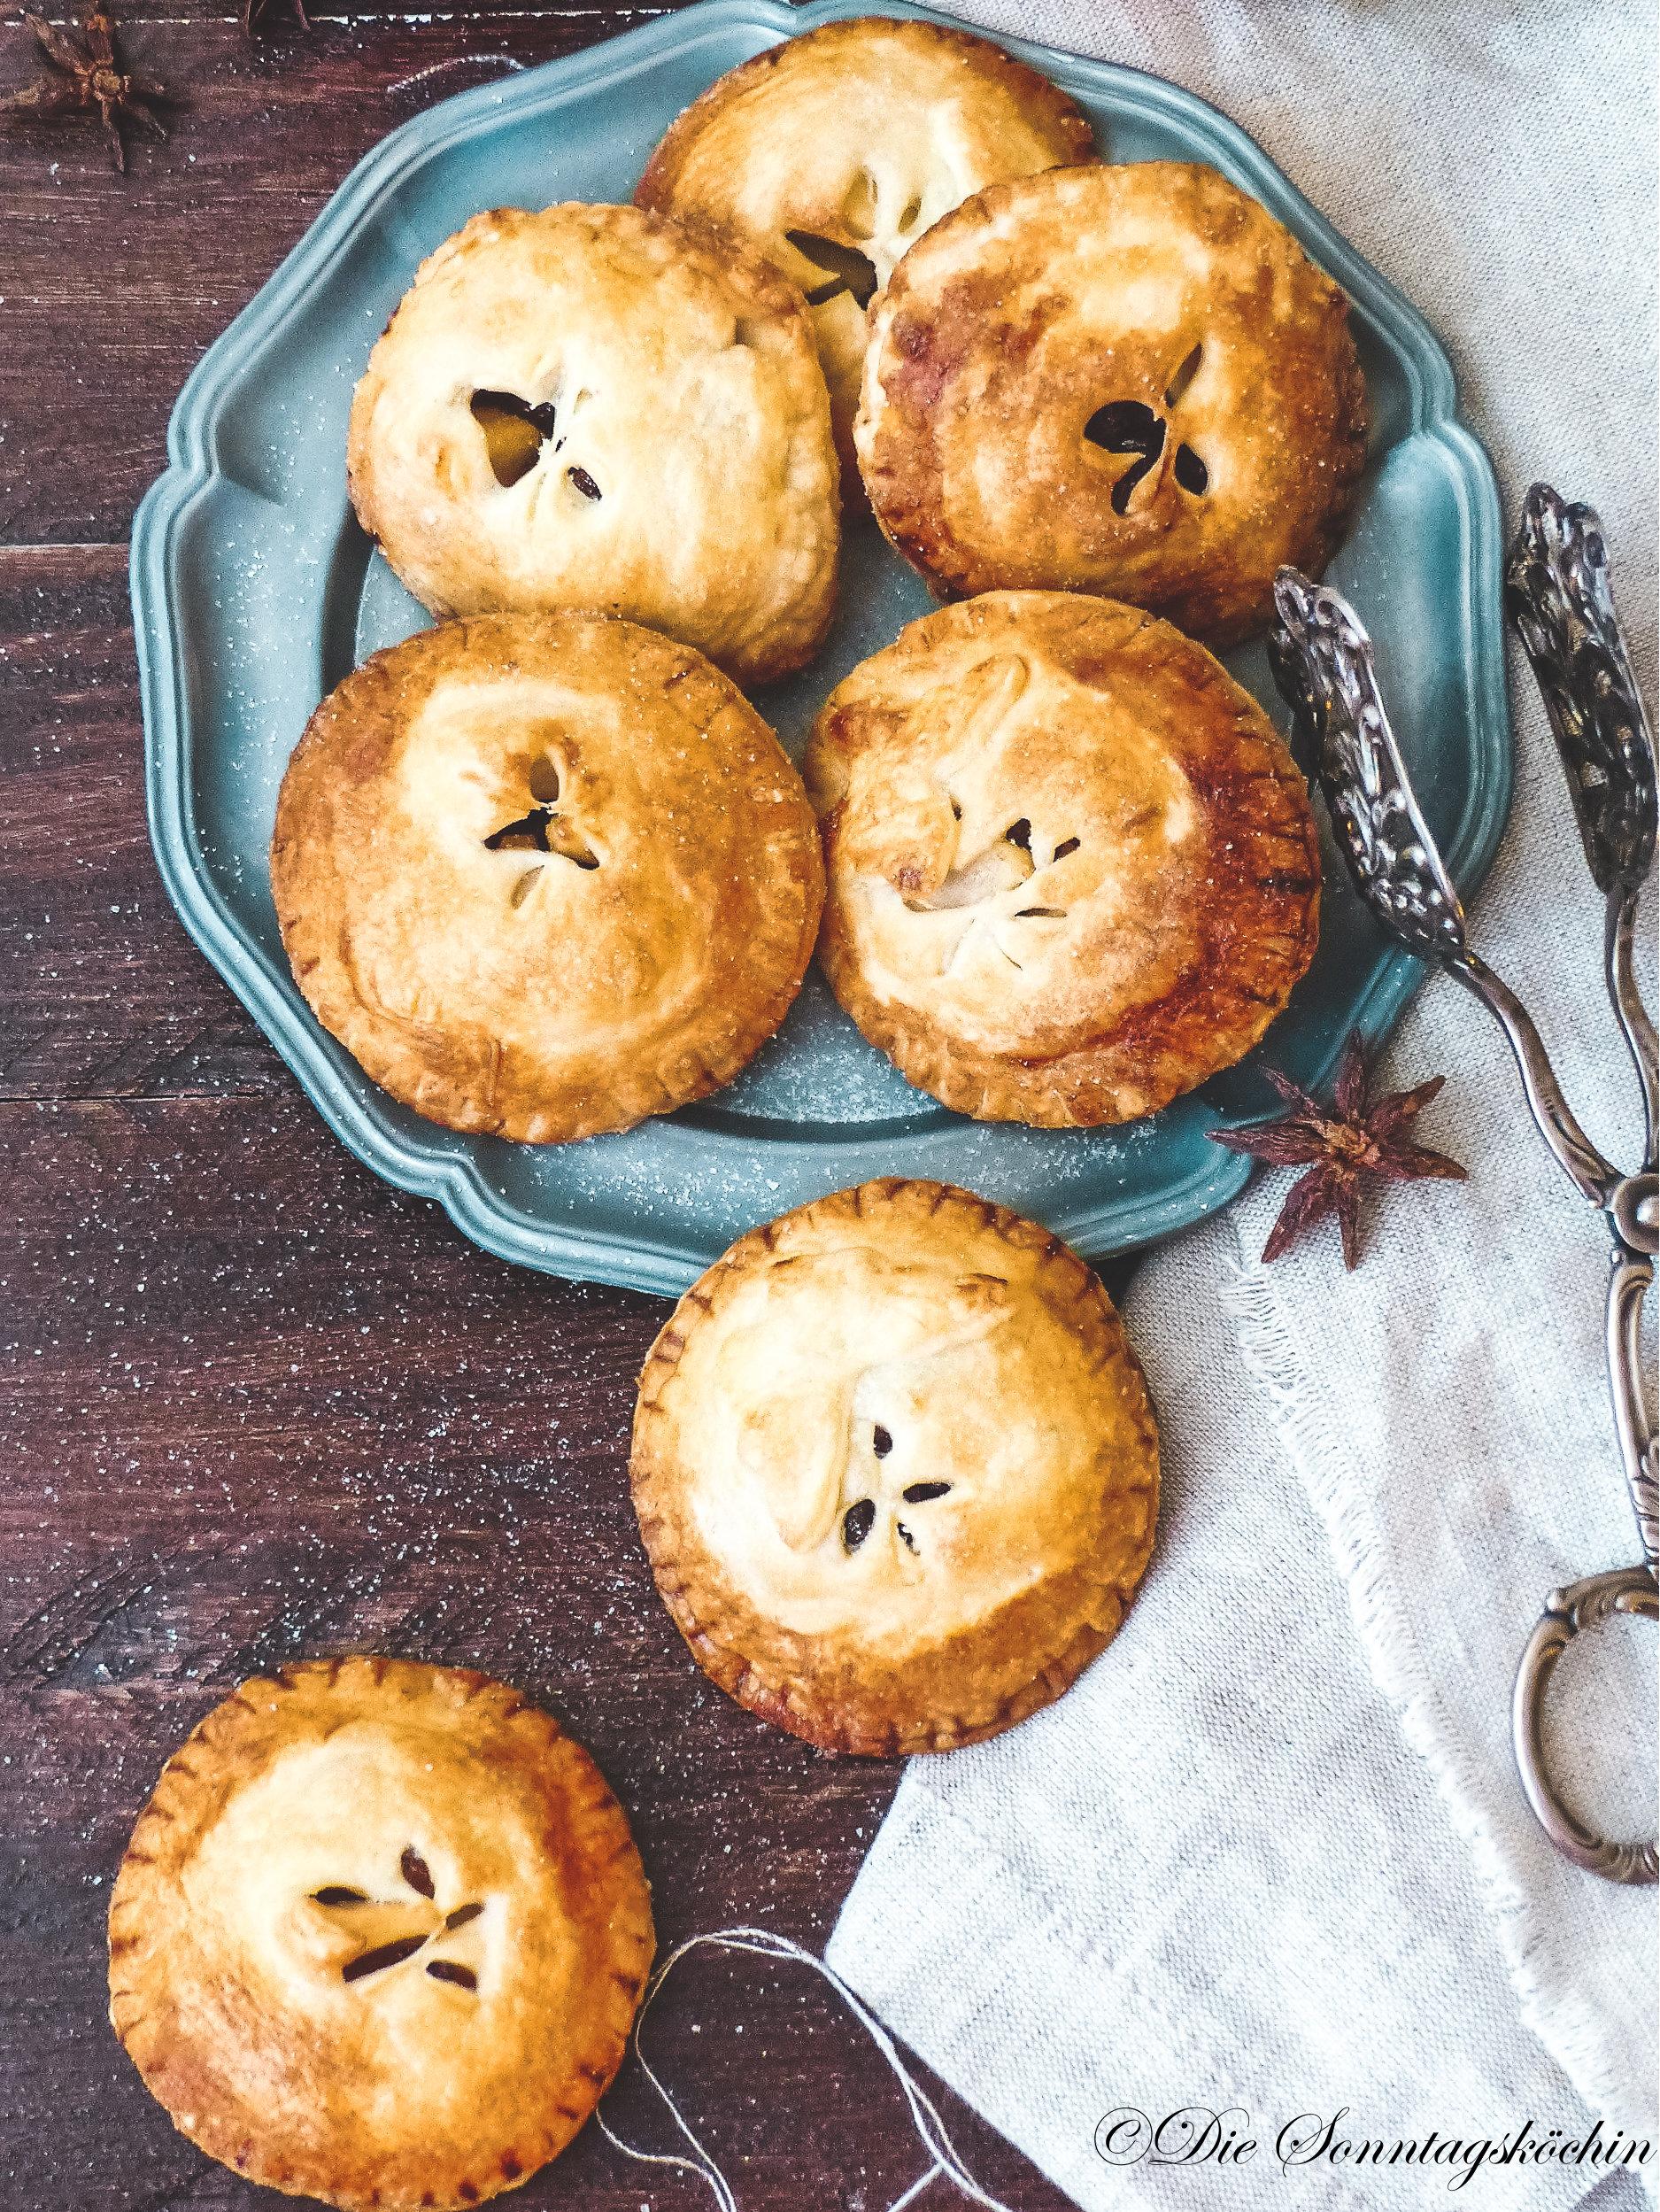 Apfel Rum Pies